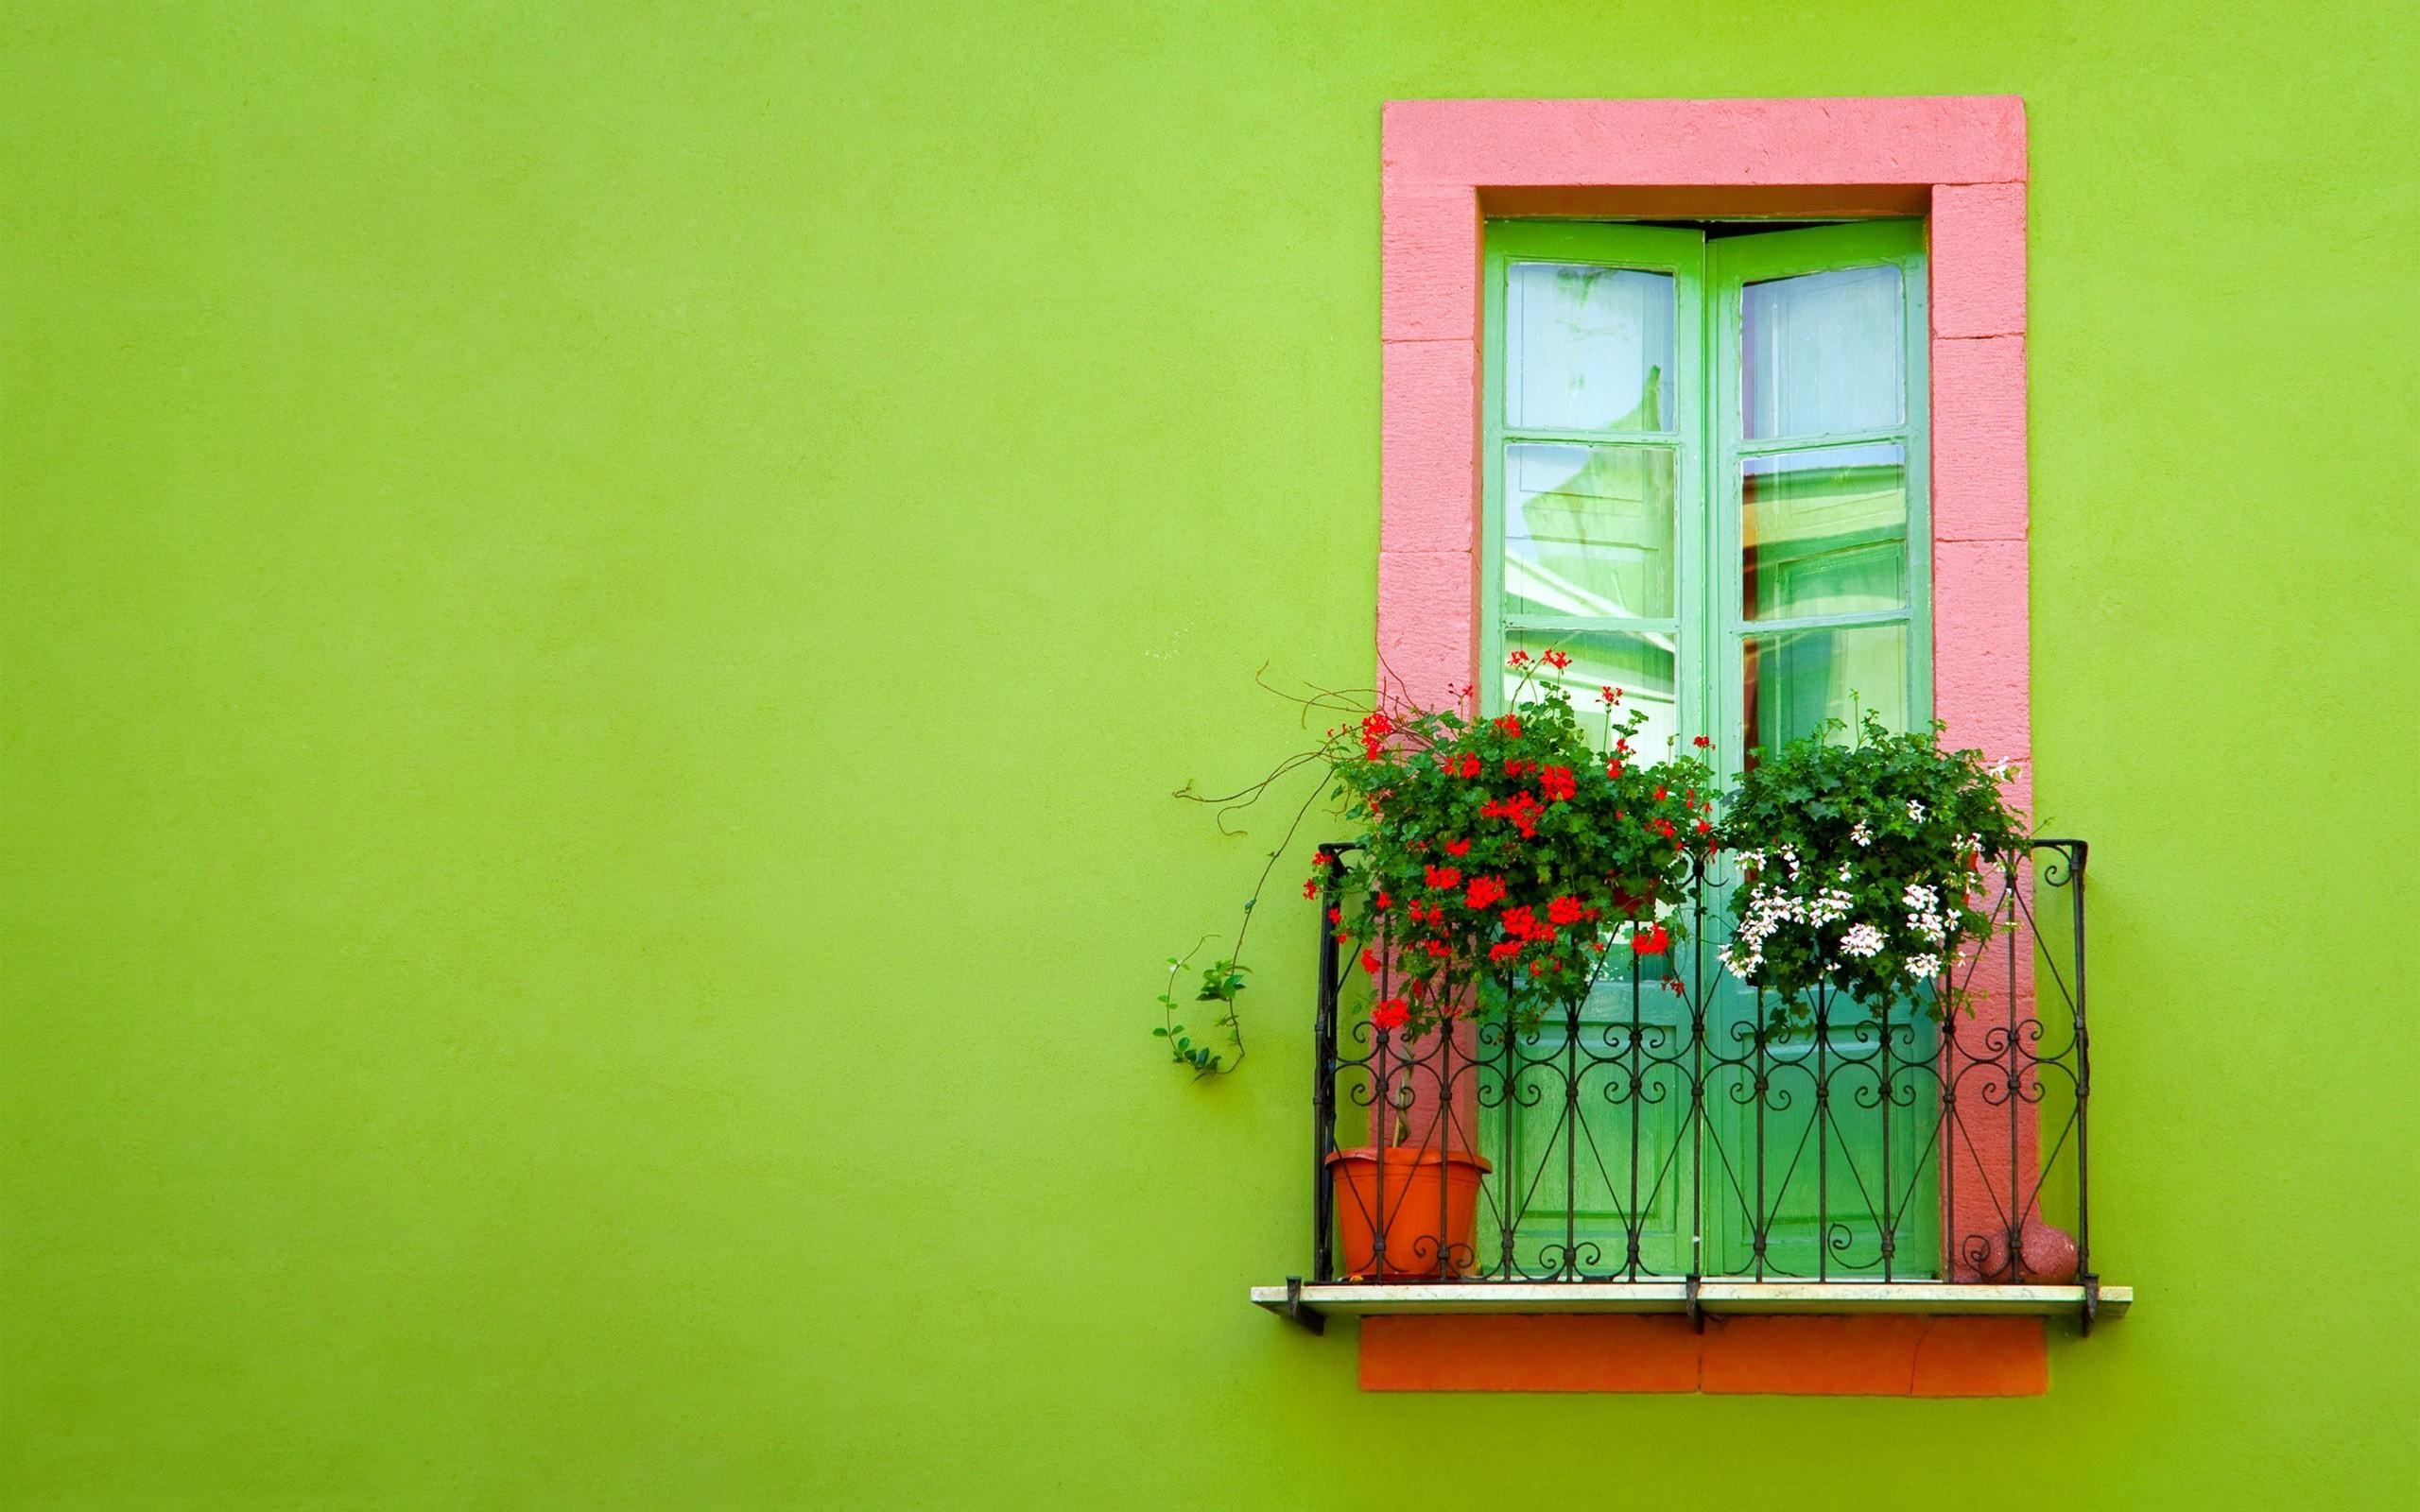 Скачать обои зелёный, стена, окно, балкон, green разрешение .